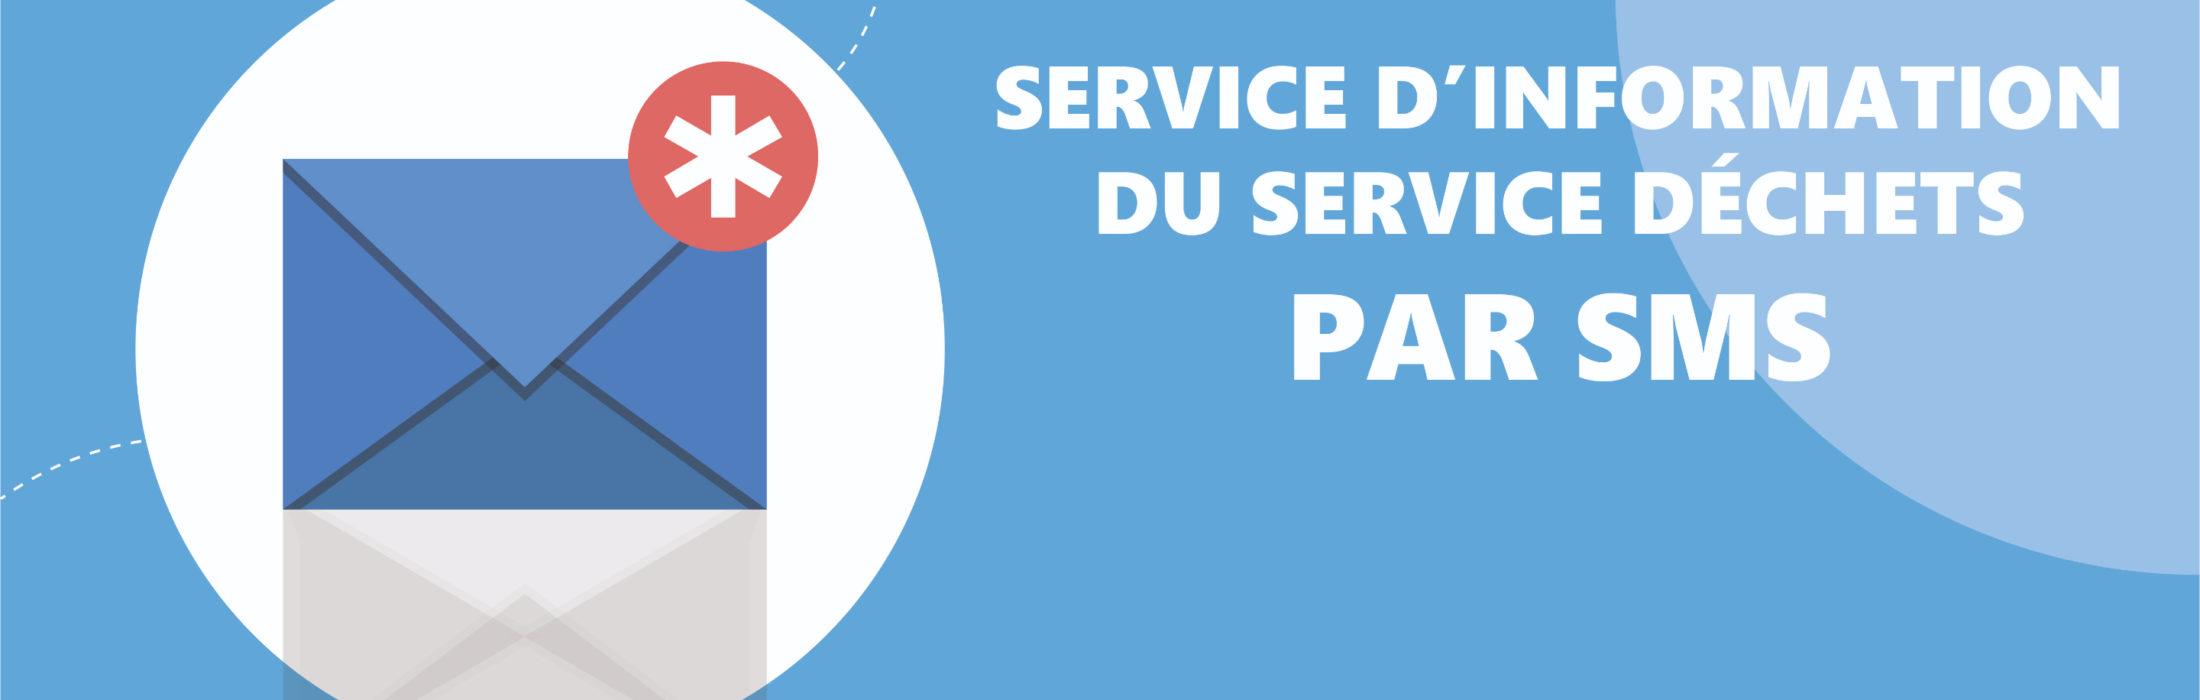 Recevez des informations liées au service de gestion des déchets sur votre mobile